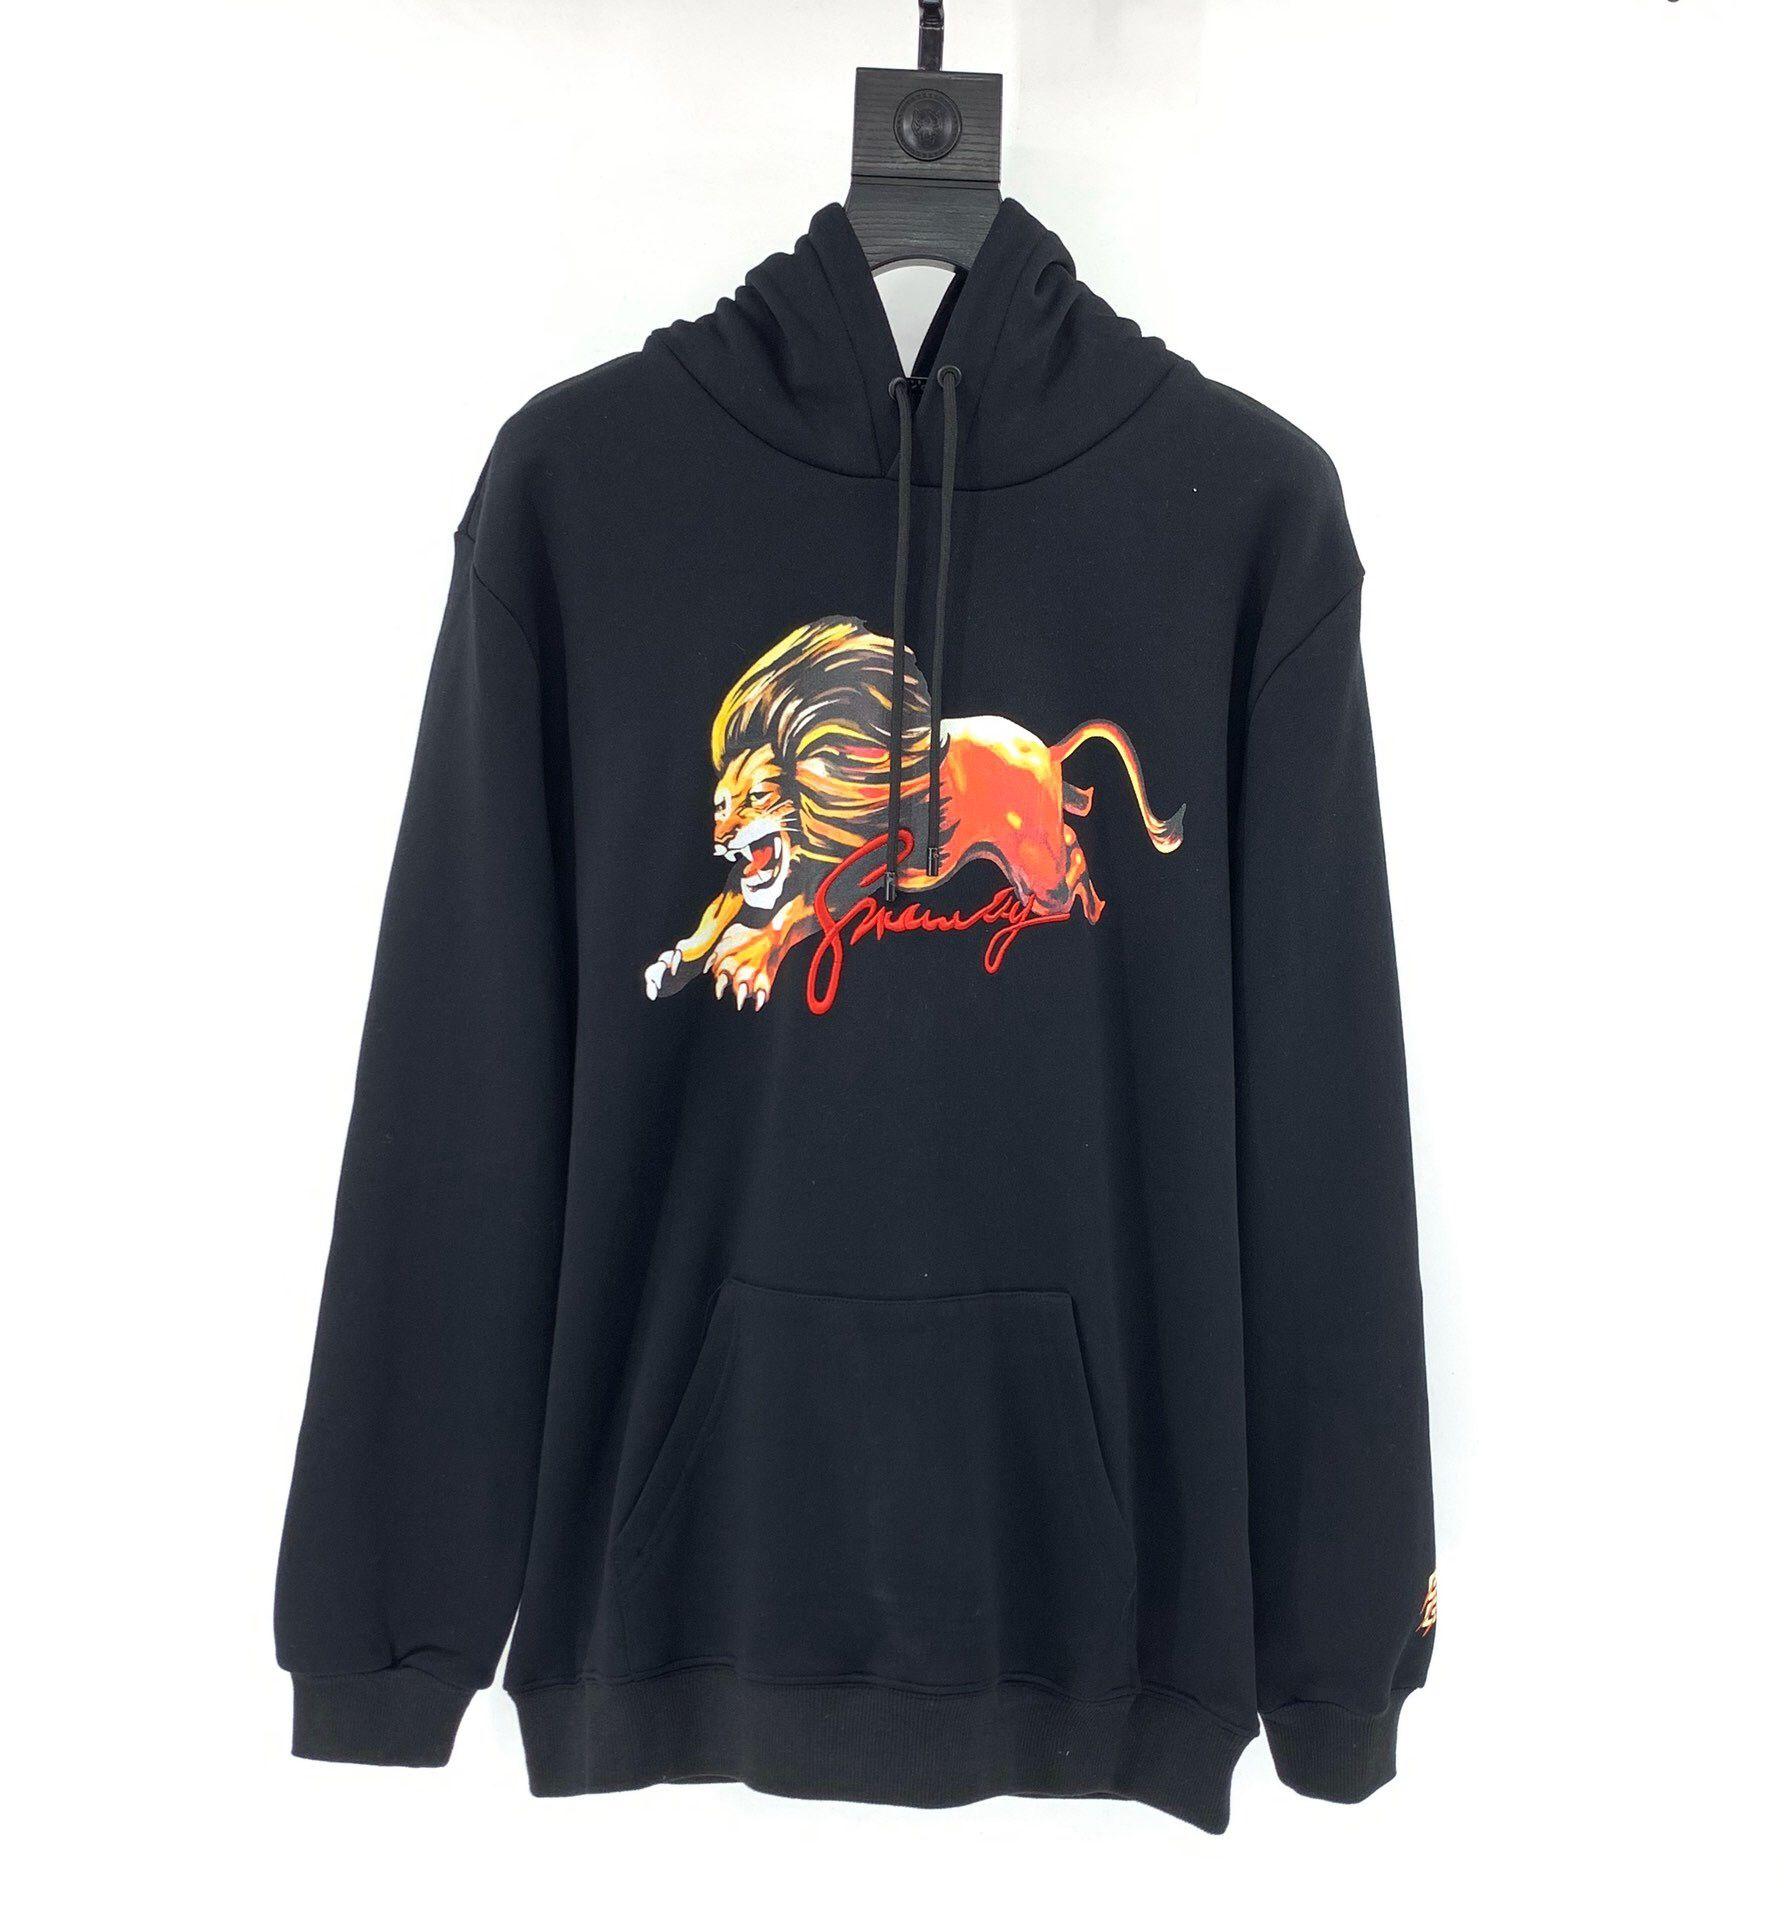 2019 الأزياء الشتوية مقنعين البلوز الأسود الأسد الملك مطبوعة عارضة سوياتشيرتس هوديي البلوز كم طويل ملابس للرجال